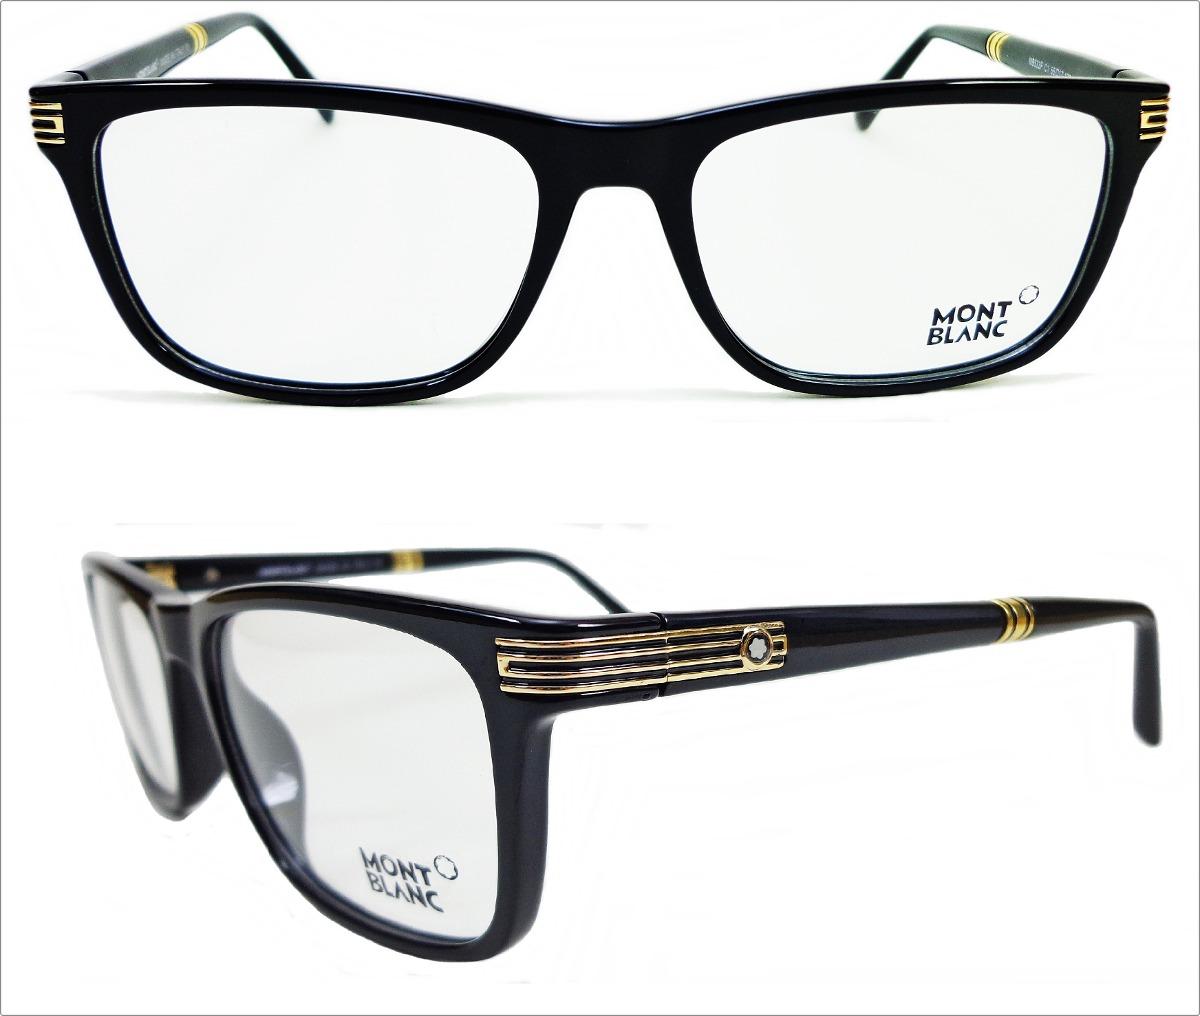 890ea20333608 armação para óculos de grau mont blanc frete gratis. Carregando zoom.